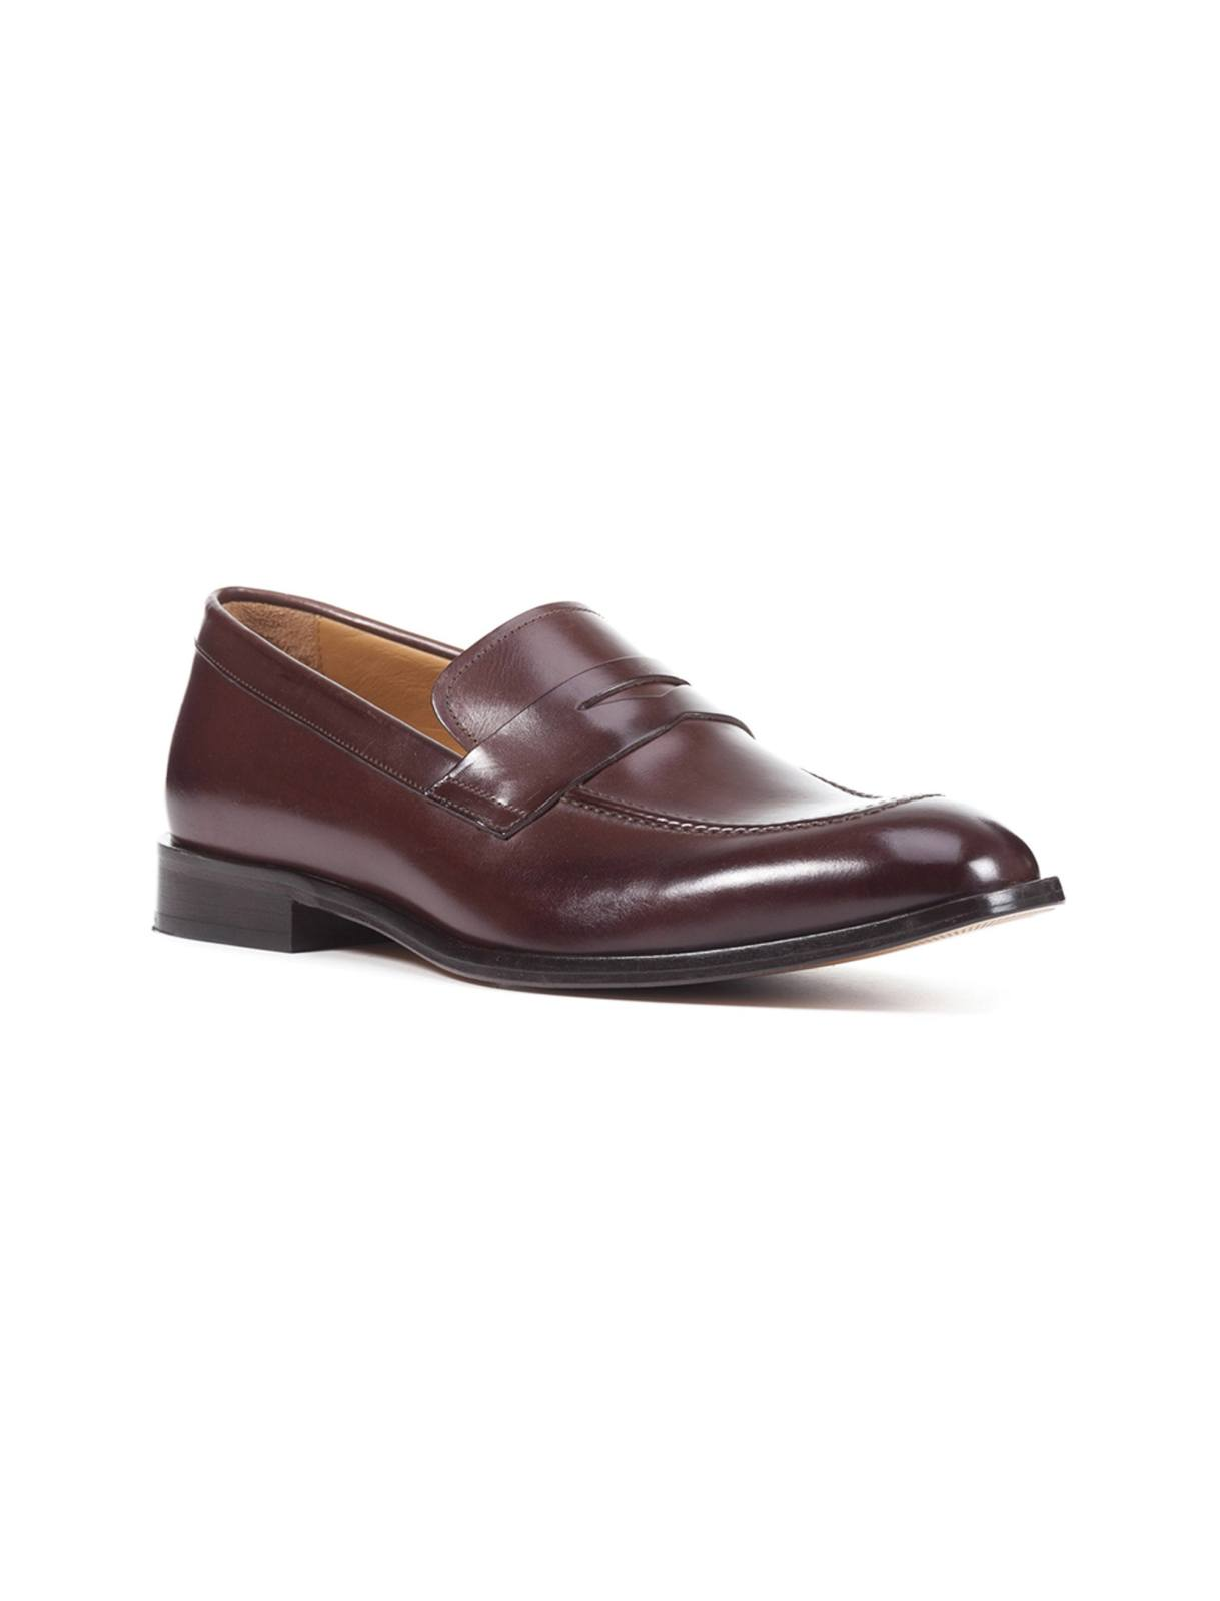 کفش اداری چرم مردانه Saymore D - جی اوکس  Men Casual Office Leather Shoes Saymore D - Geox